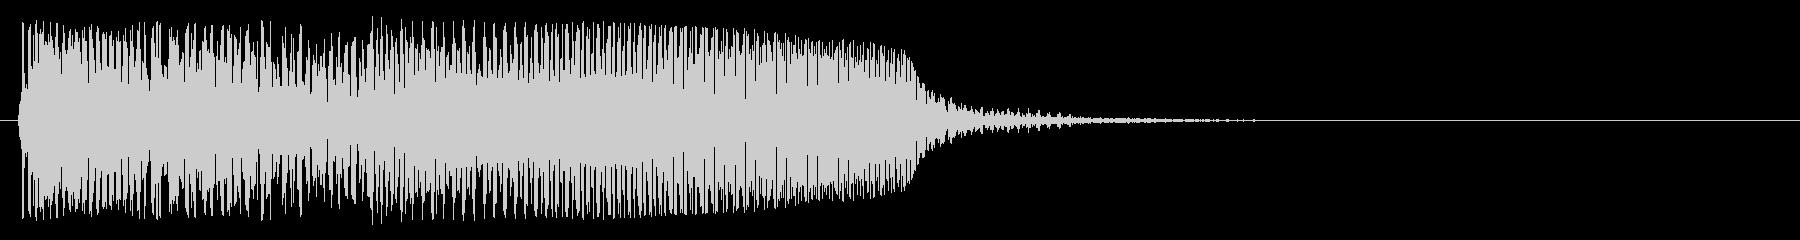 ゲームオーバー音(ベース系)の未再生の波形